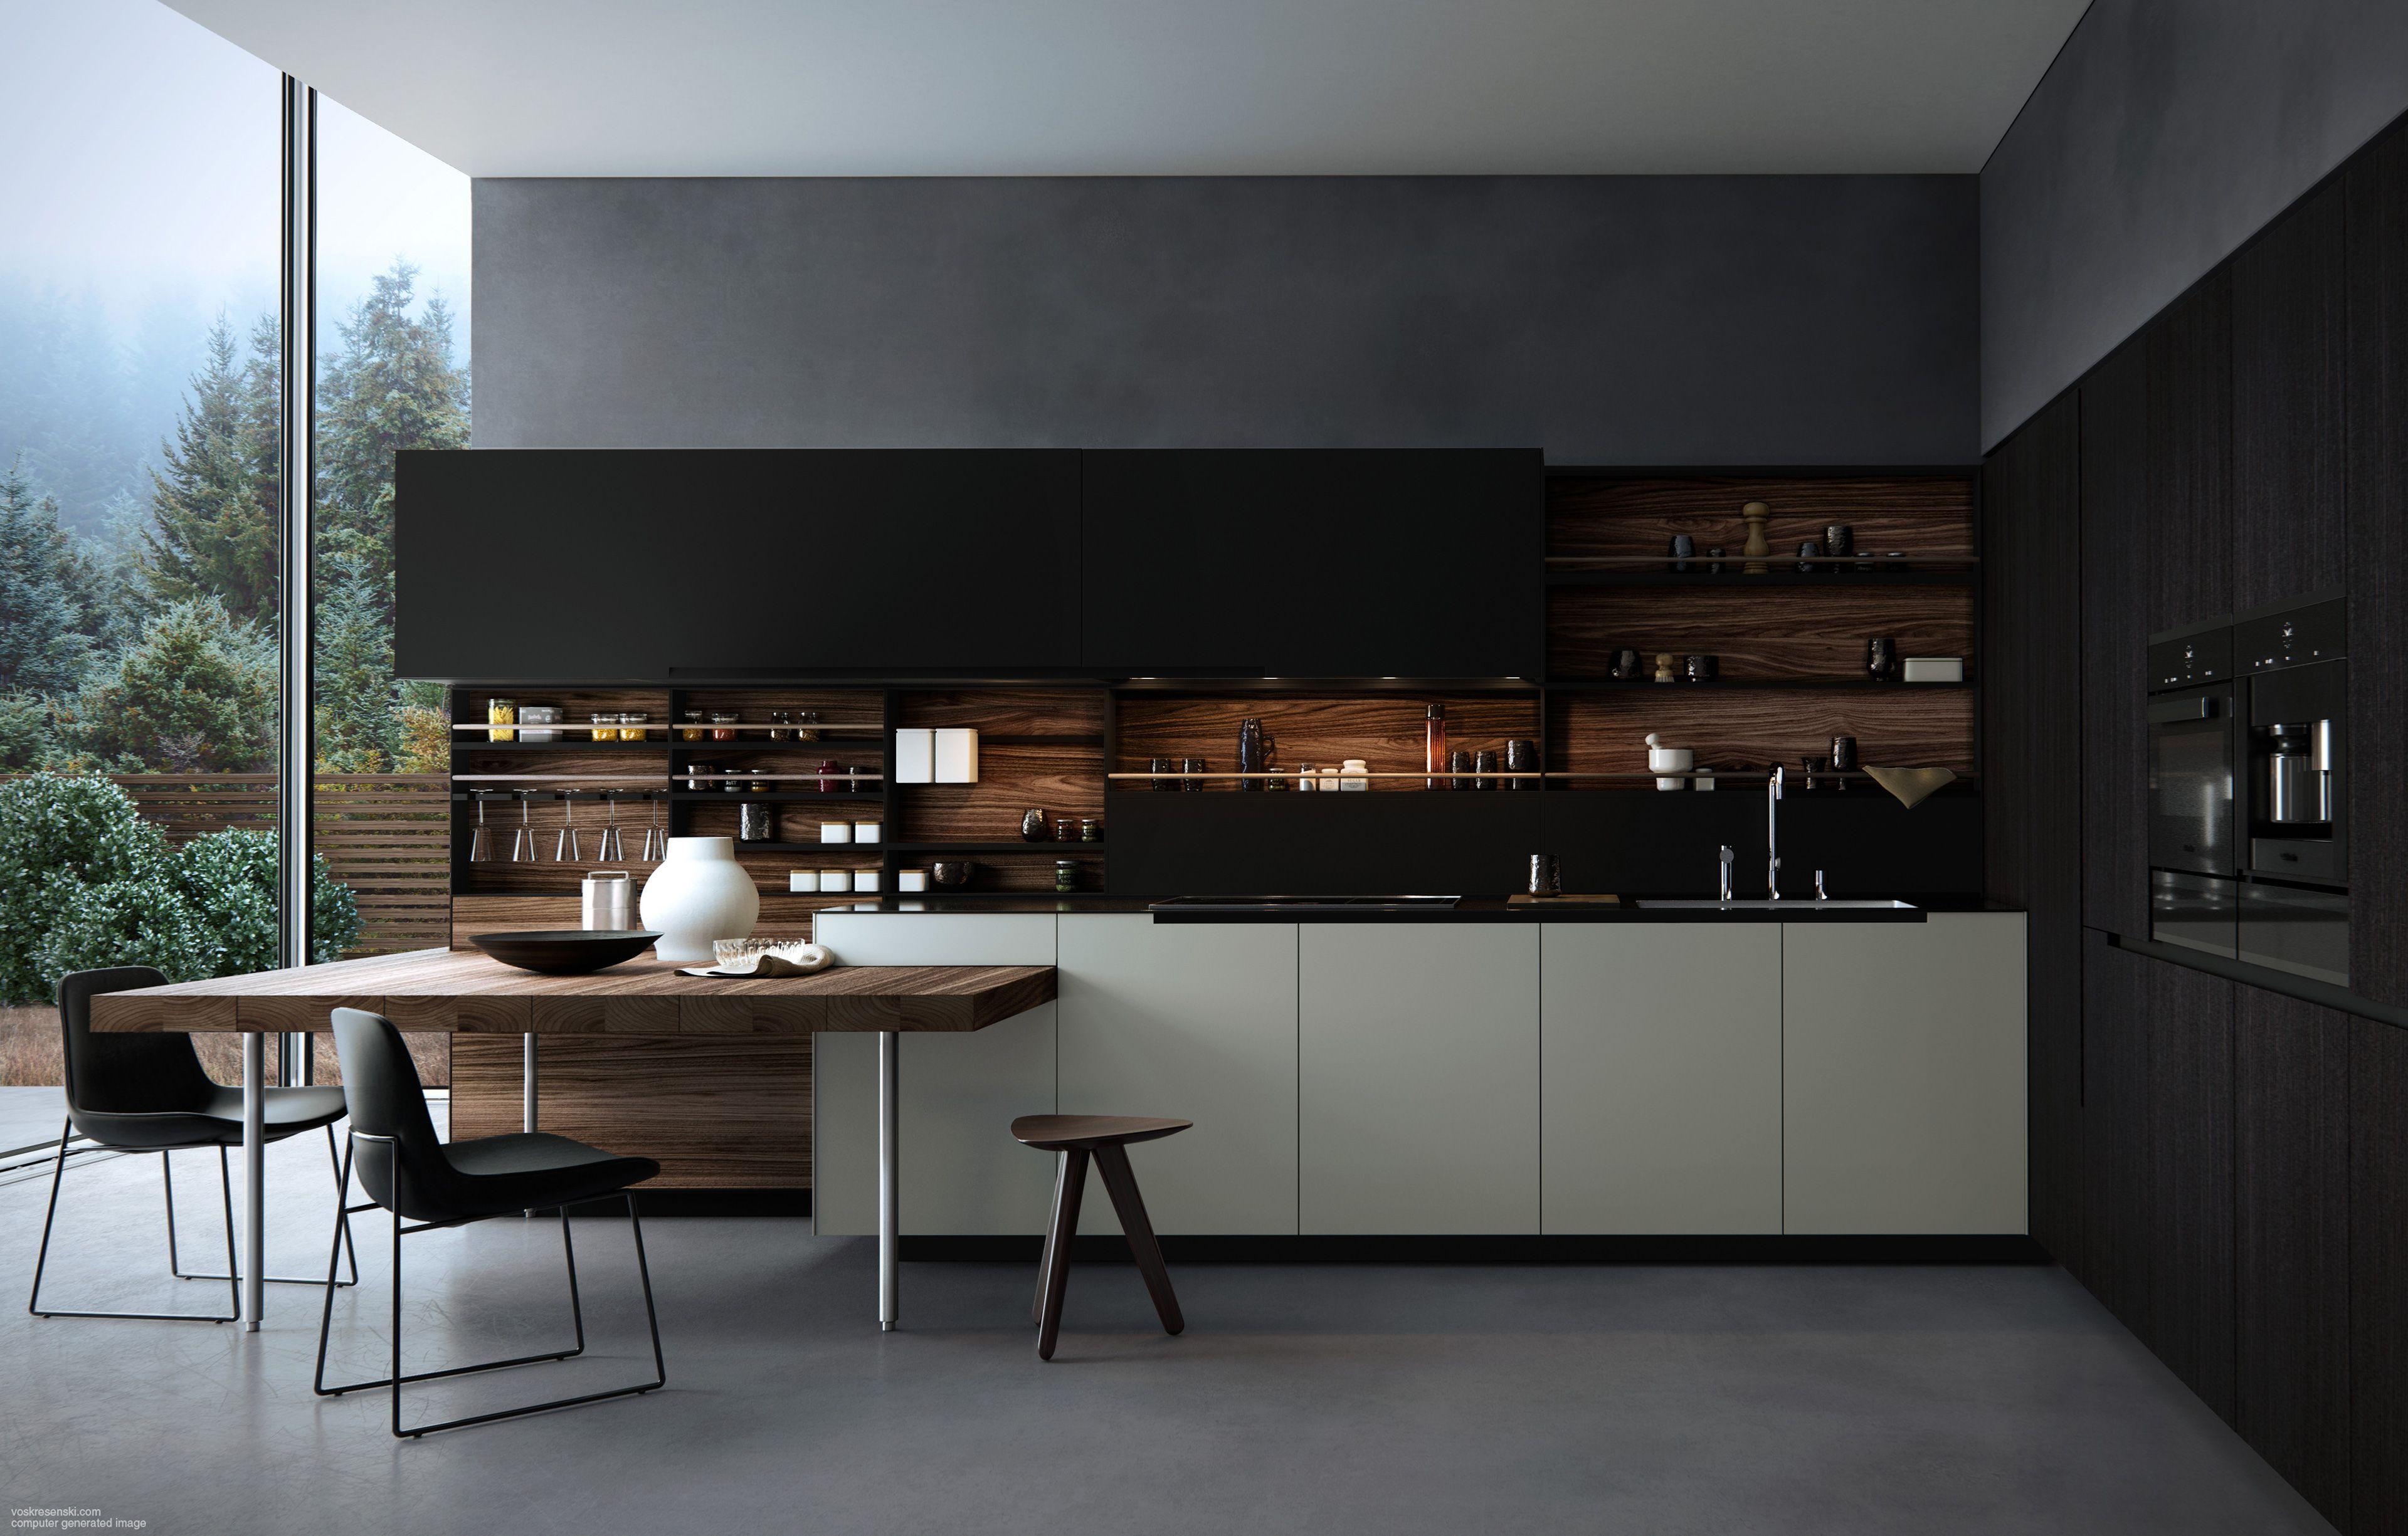 Tolle Küchenmöbel Ideen Houzz Bilder - Küchenschrank Ideen ...